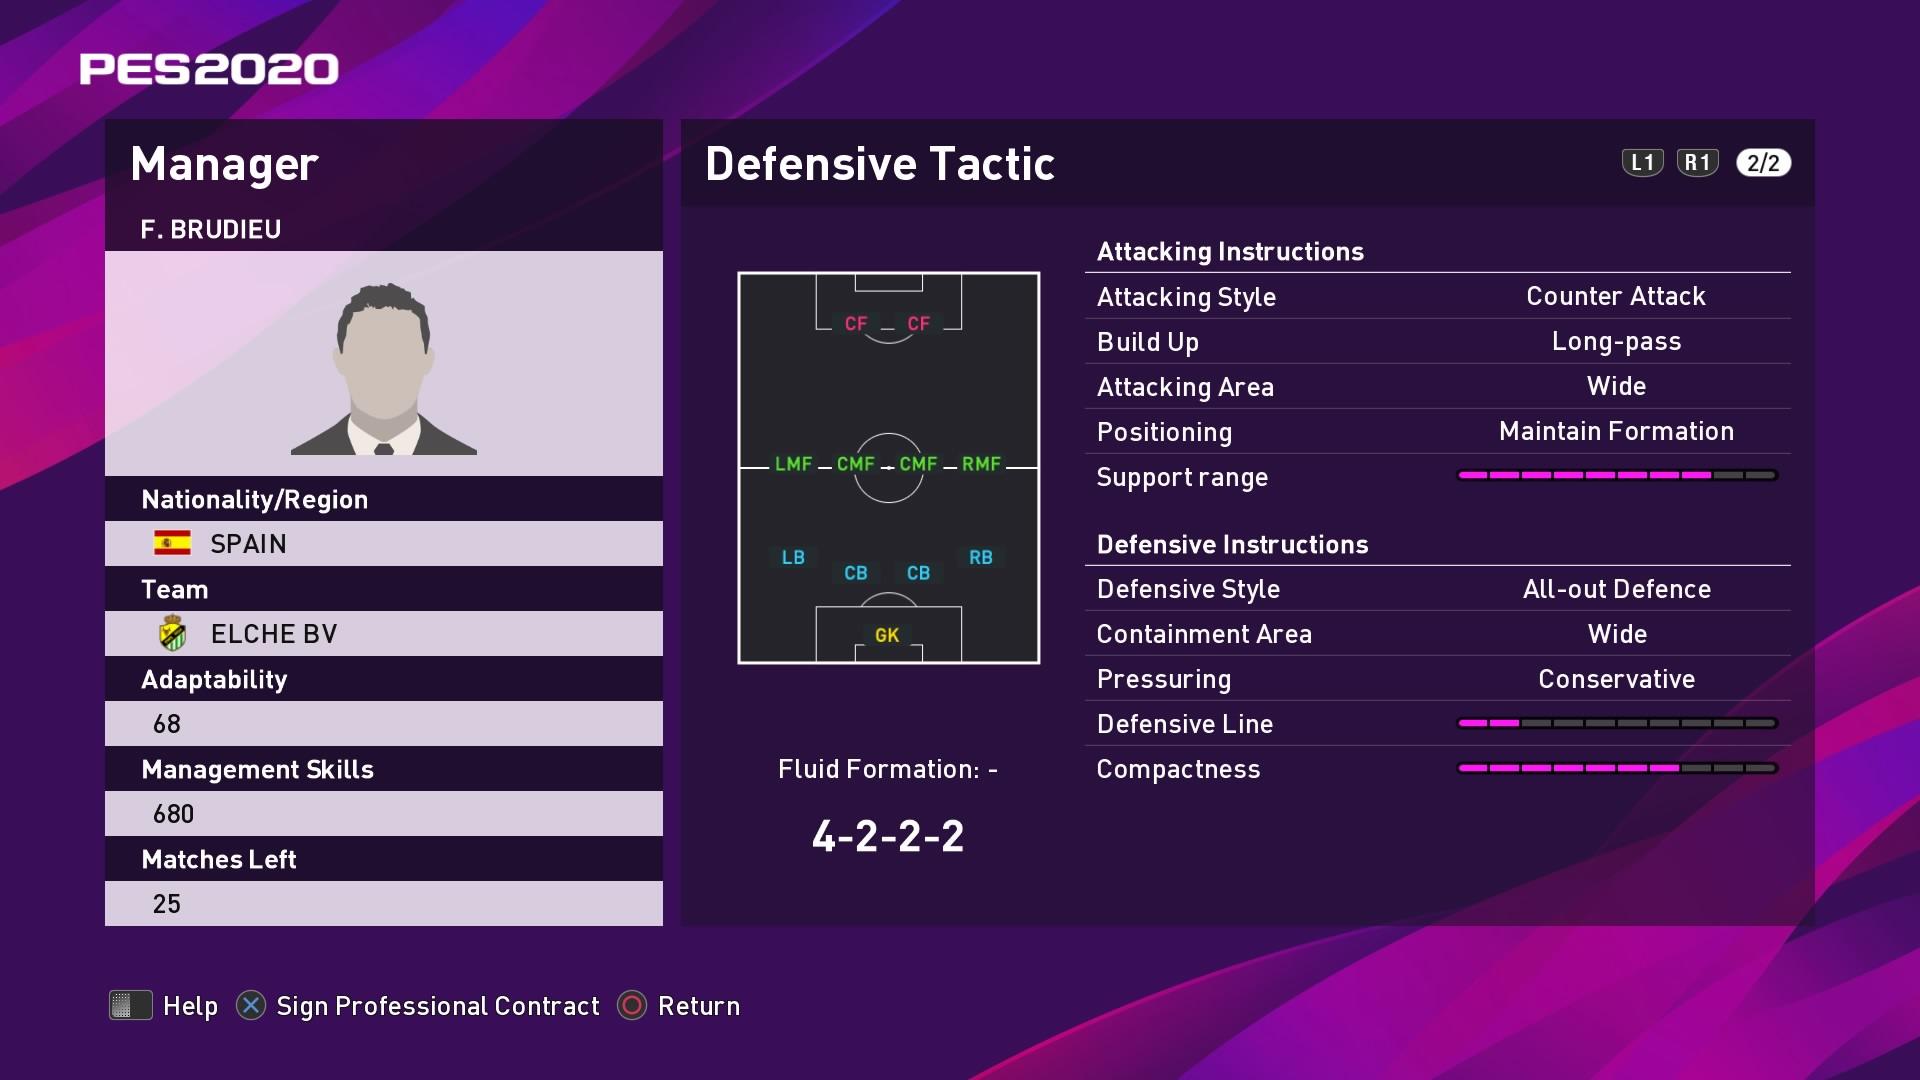 F. Brudieu (Pacheta) Defensive Tactic in PES 2020 myClub